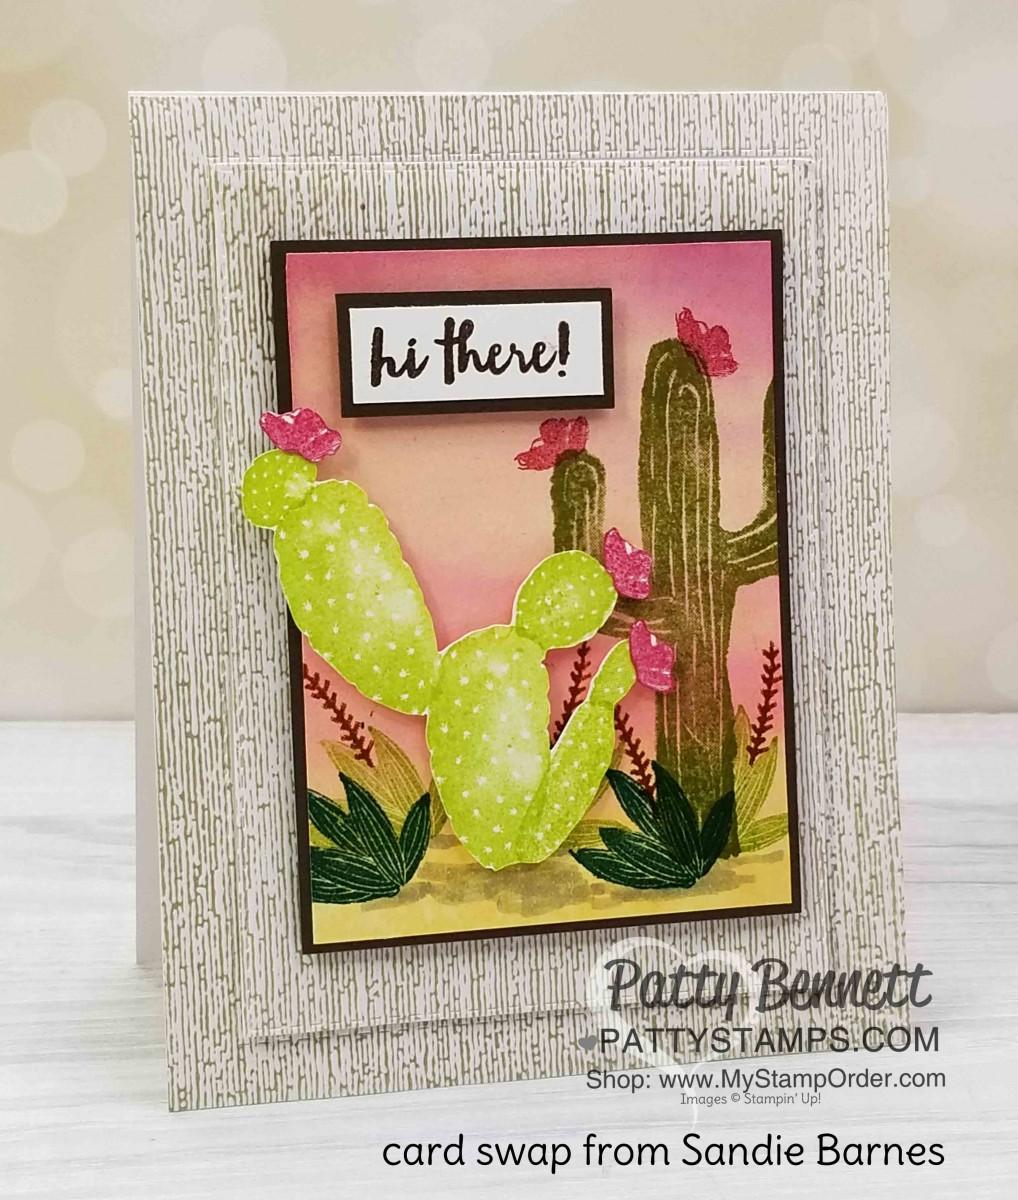 Retiring Flowering Desert Stamp Set